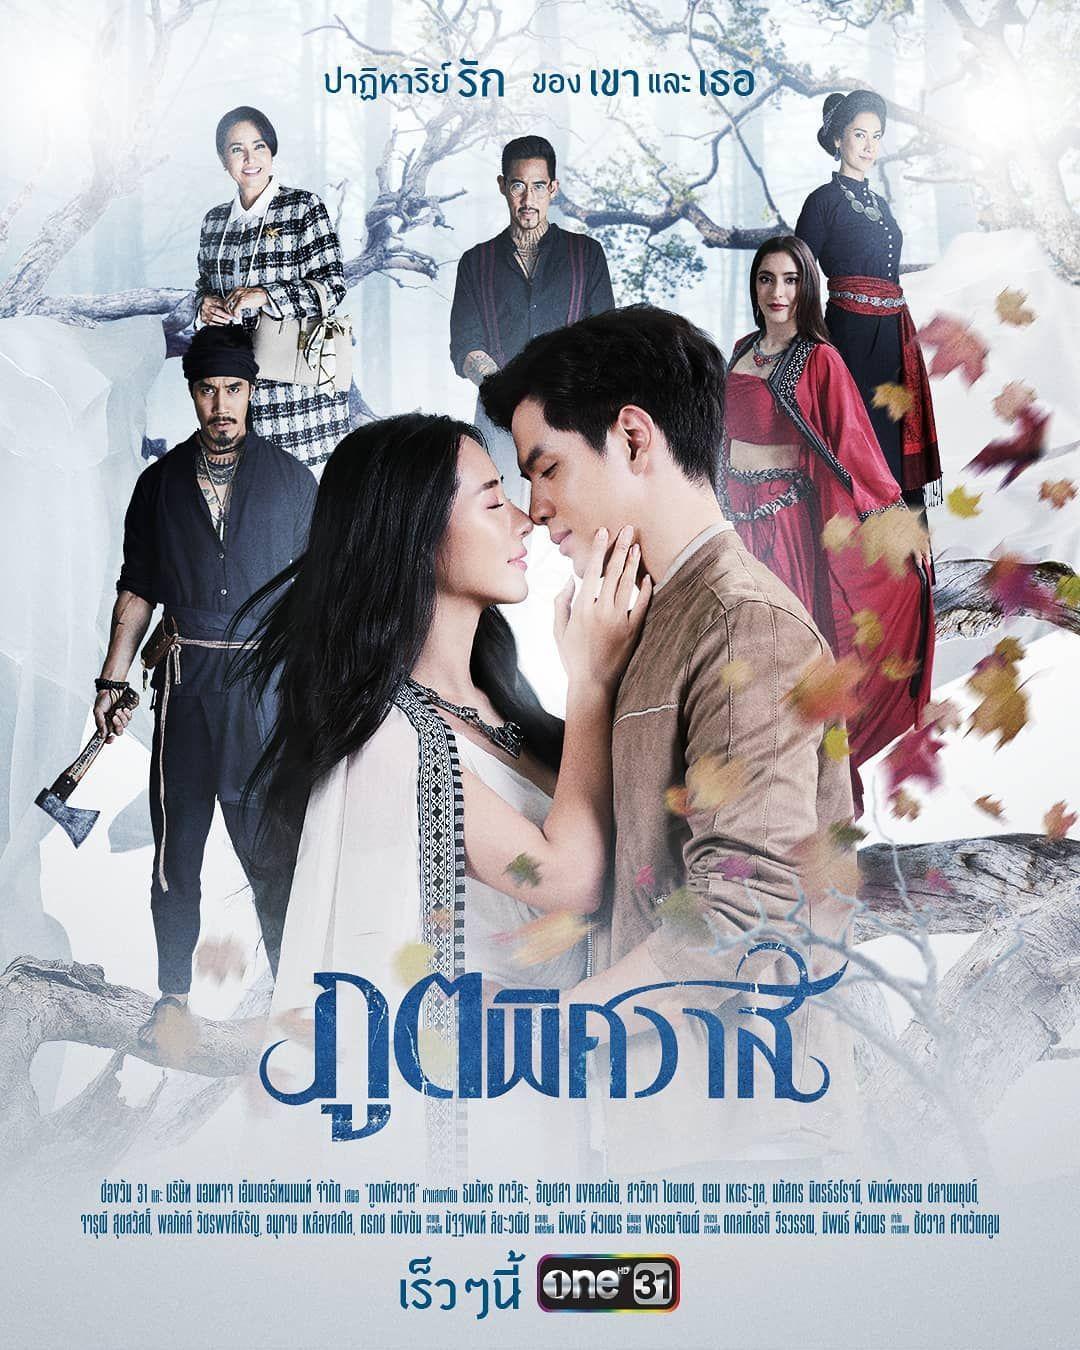 ป กพ นโดย Weerakron Wongsoraya Game ใน ละครท ชอบ ความค ดเห น